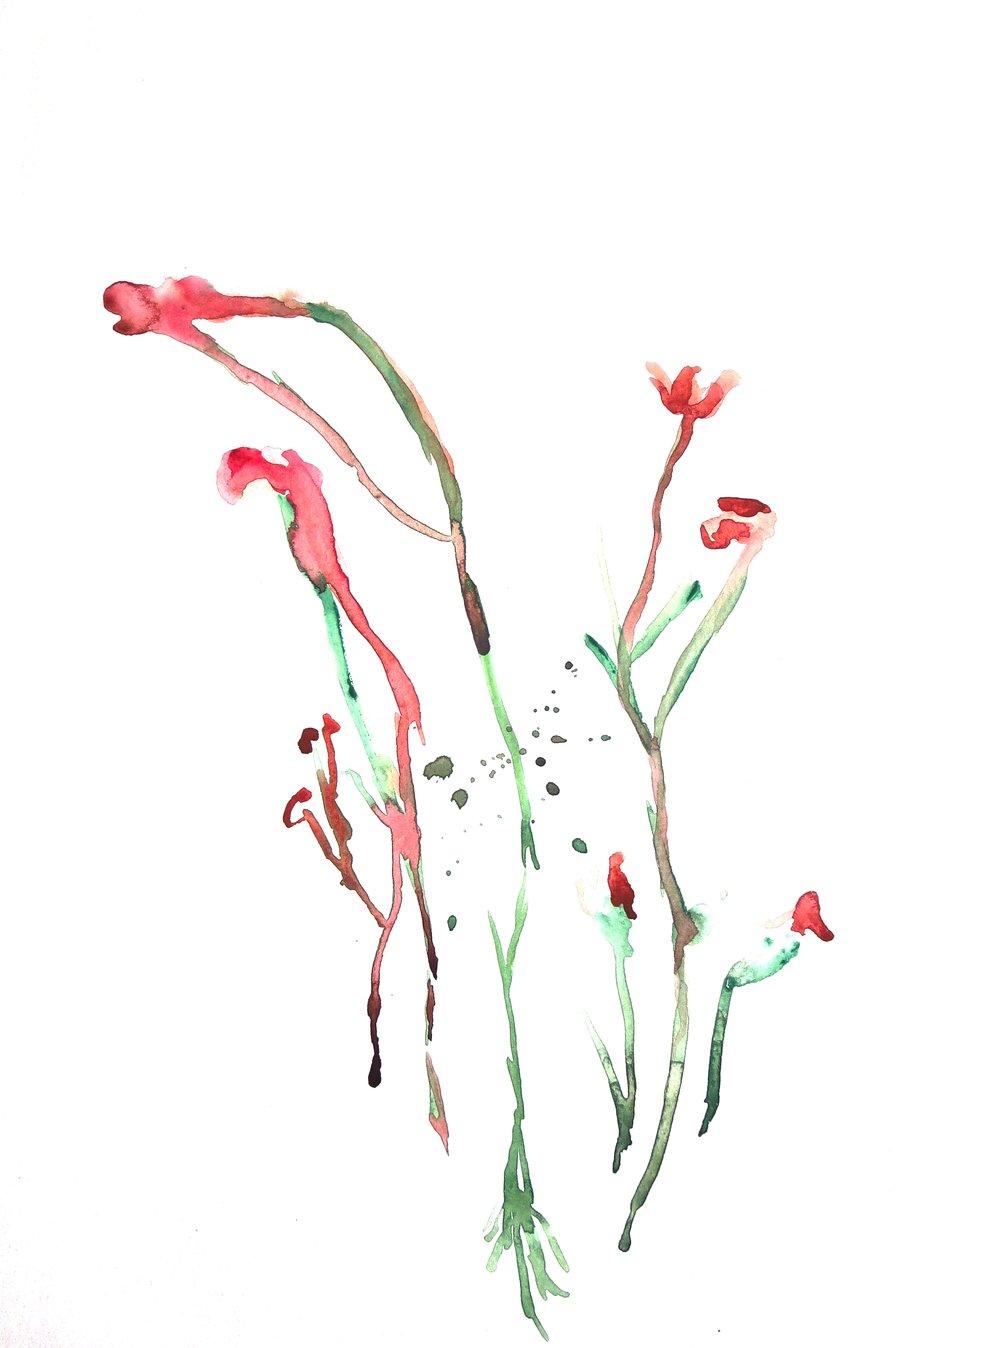 eros painting peinture_12.JPG